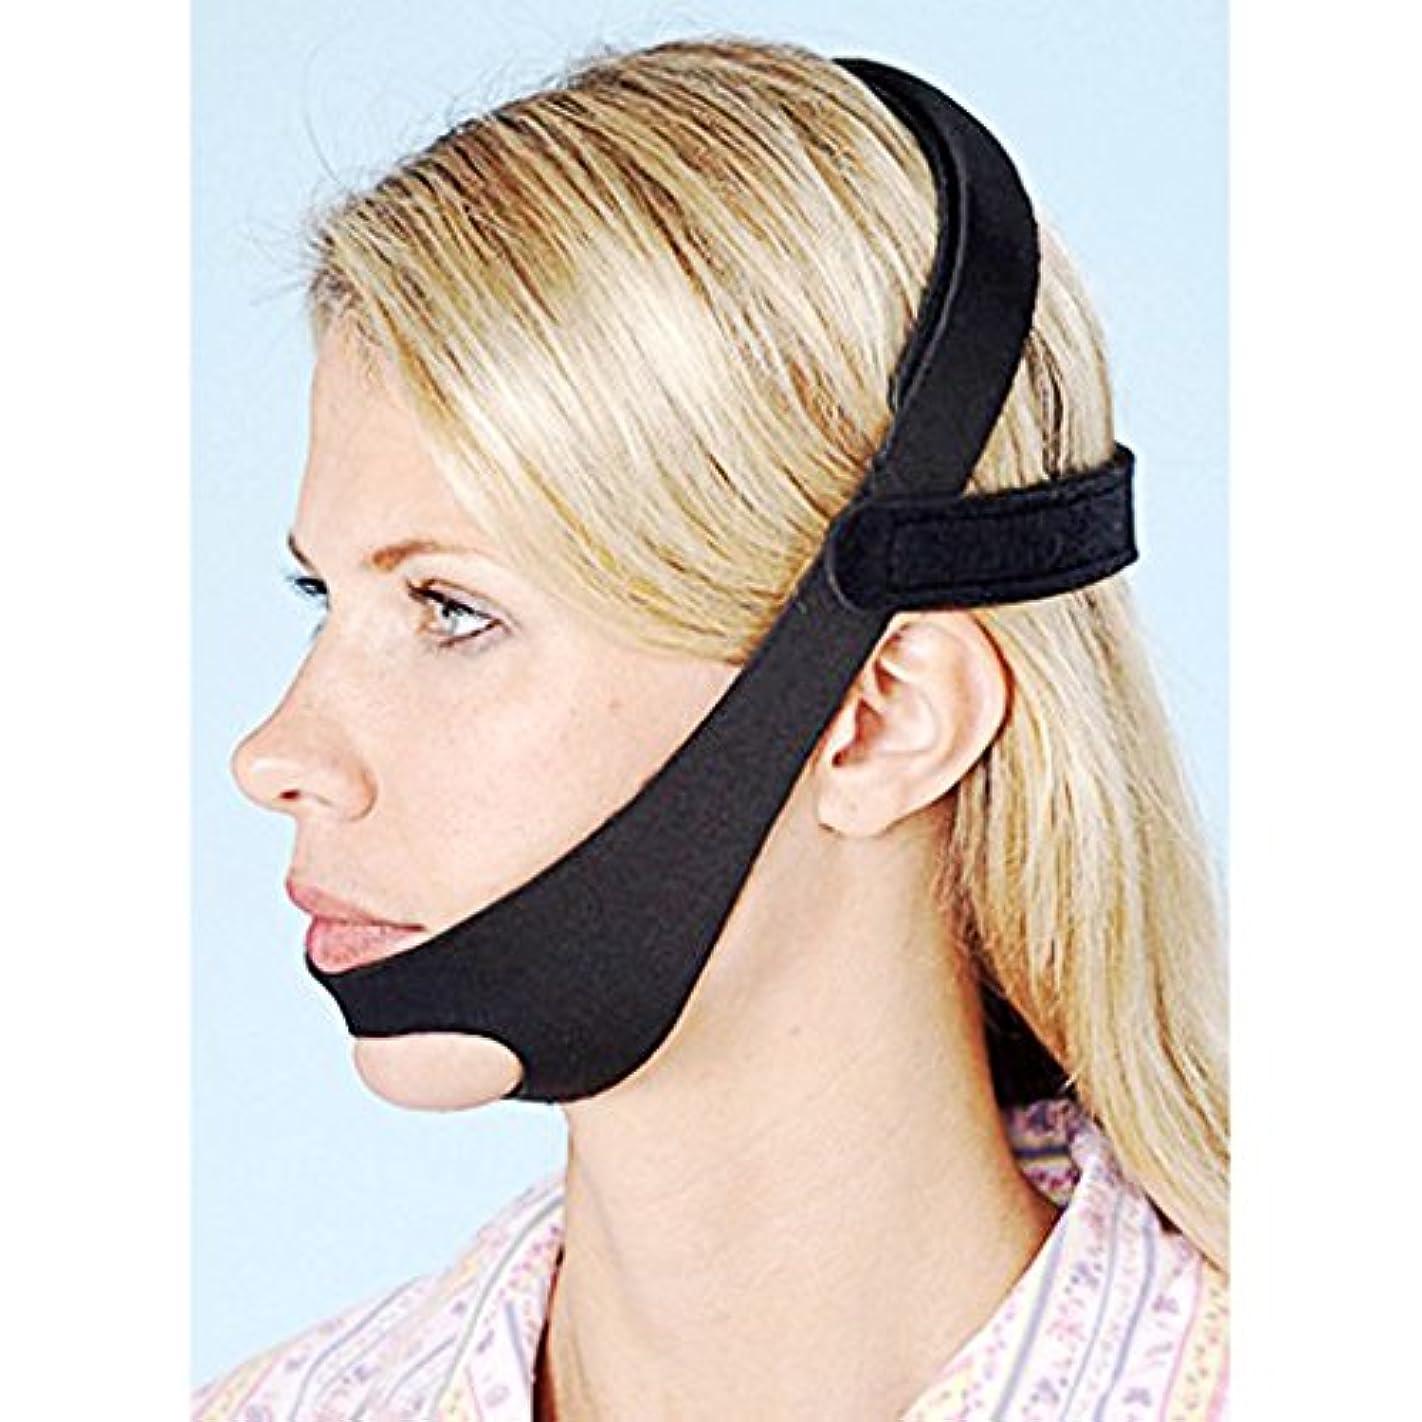 日付文献潤滑するDH 2018新しくいびき予防 調整可能なアンチSnoringチンストラップは、男性と女性のためにいびきのいびきSnore Relief Jaw Support Stop Snoring Solution DAHAN